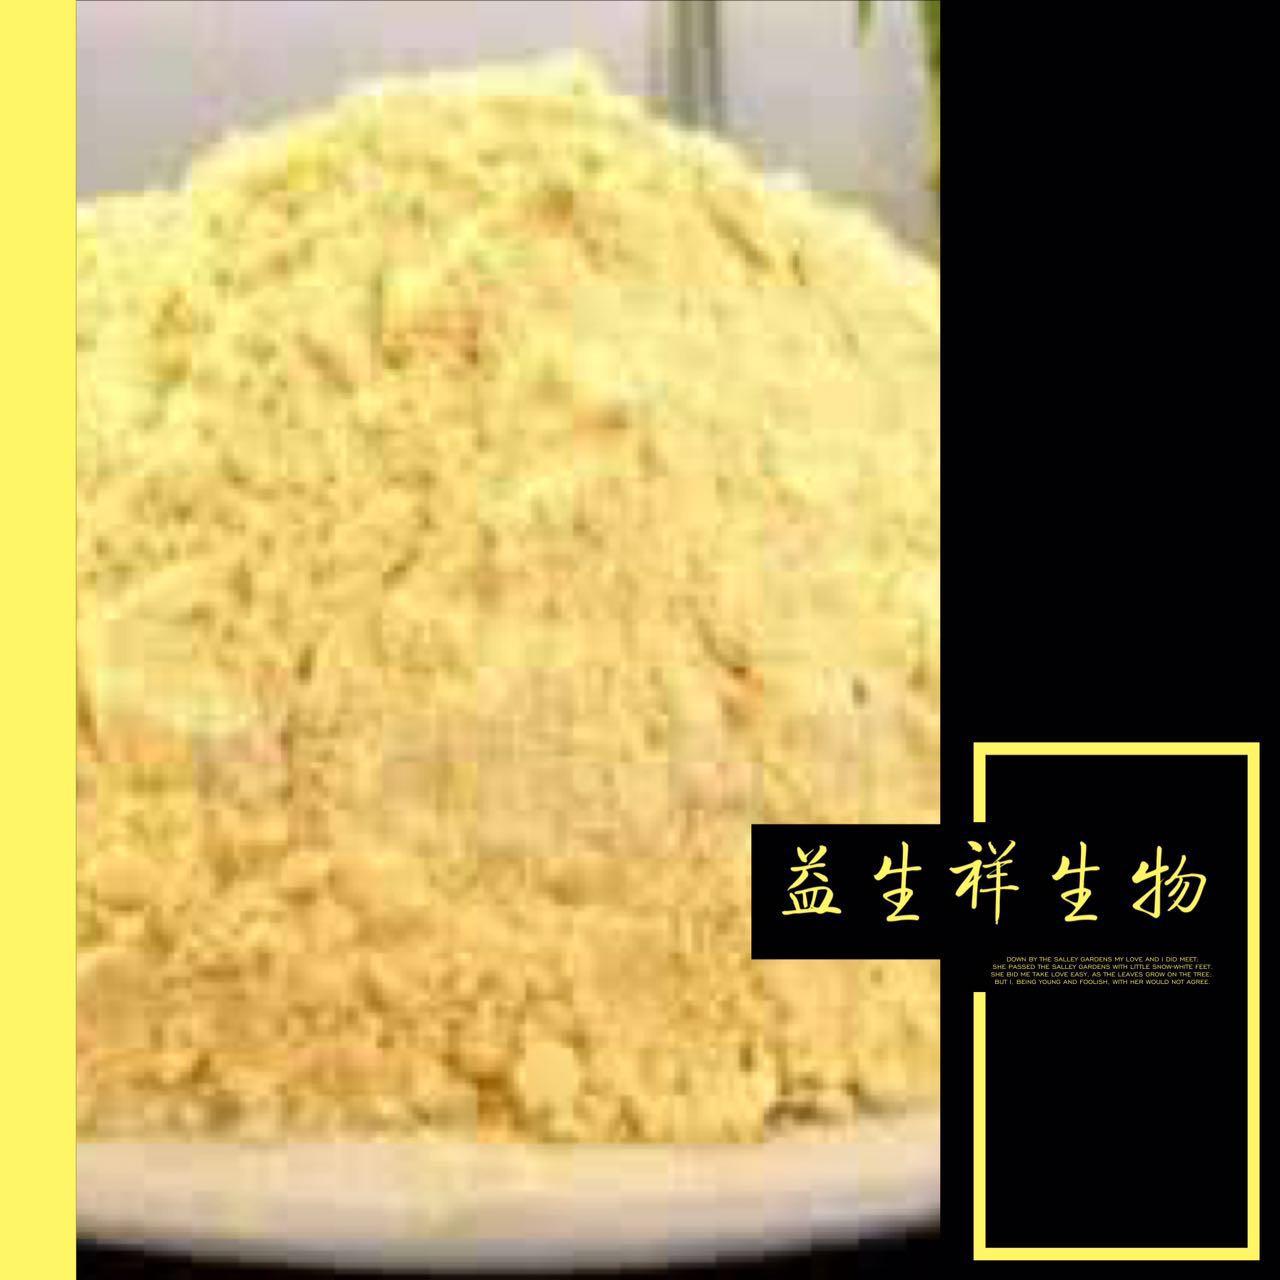 蛋黄卵磷脂30% 蛋黄提取物 强化营养 纯鸡蛋提取物 卵磷脂